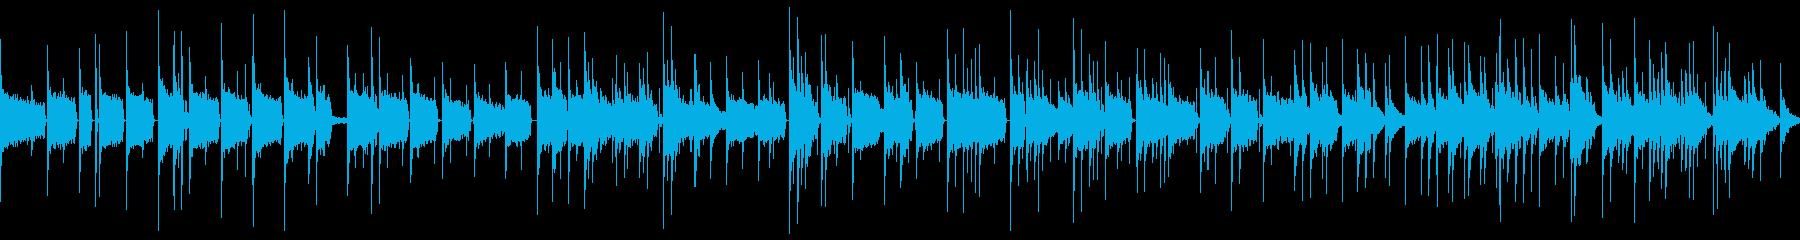 高い音でできたリズムの上に、エレキベー…の再生済みの波形